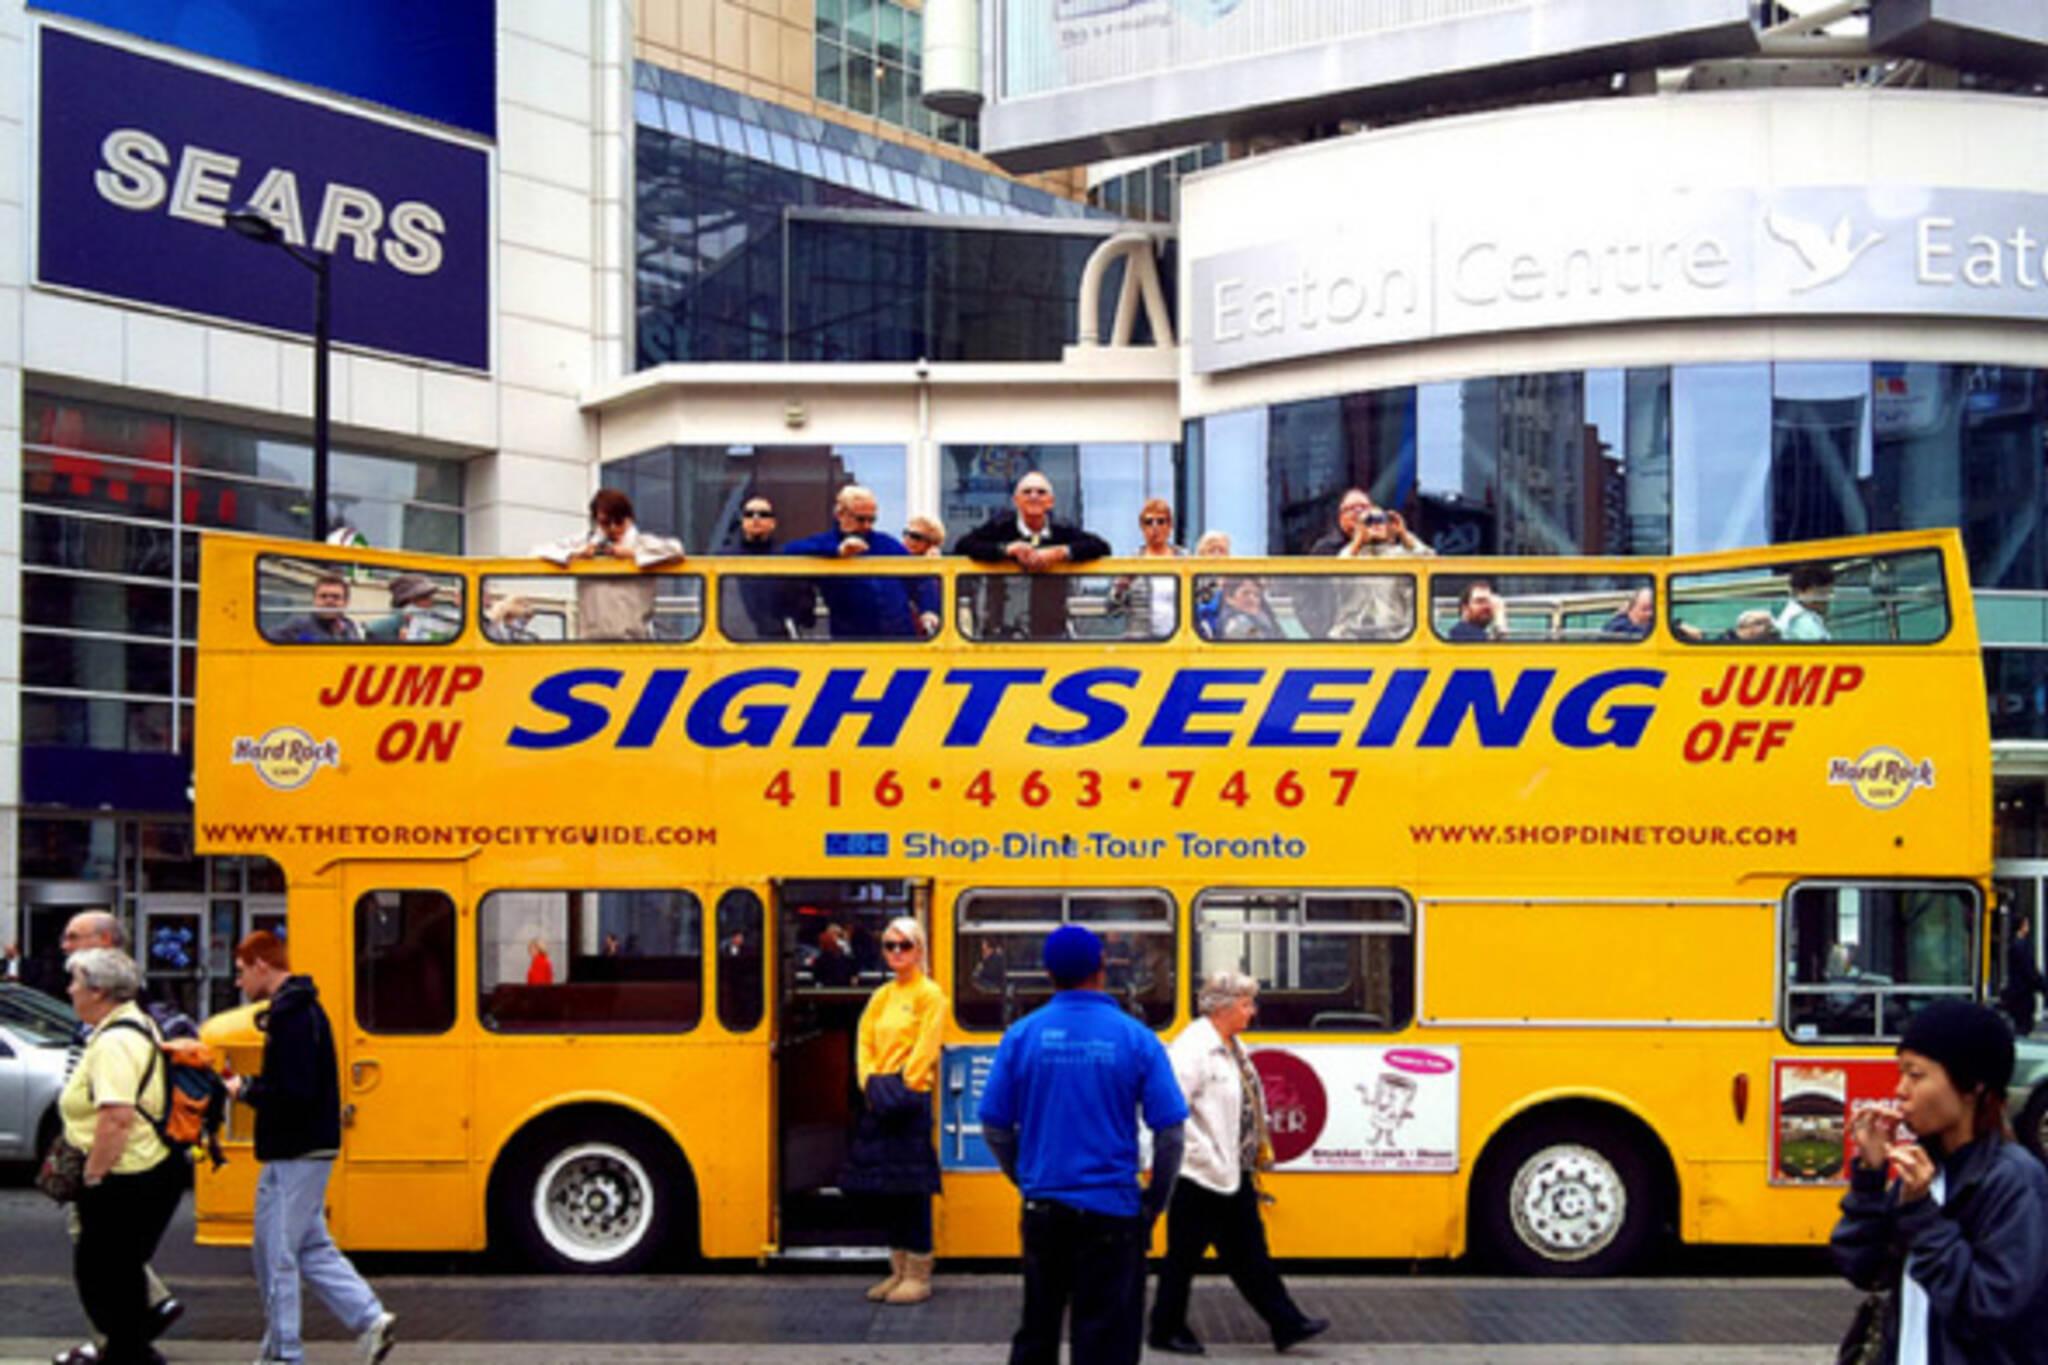 Sightseeing Toronto